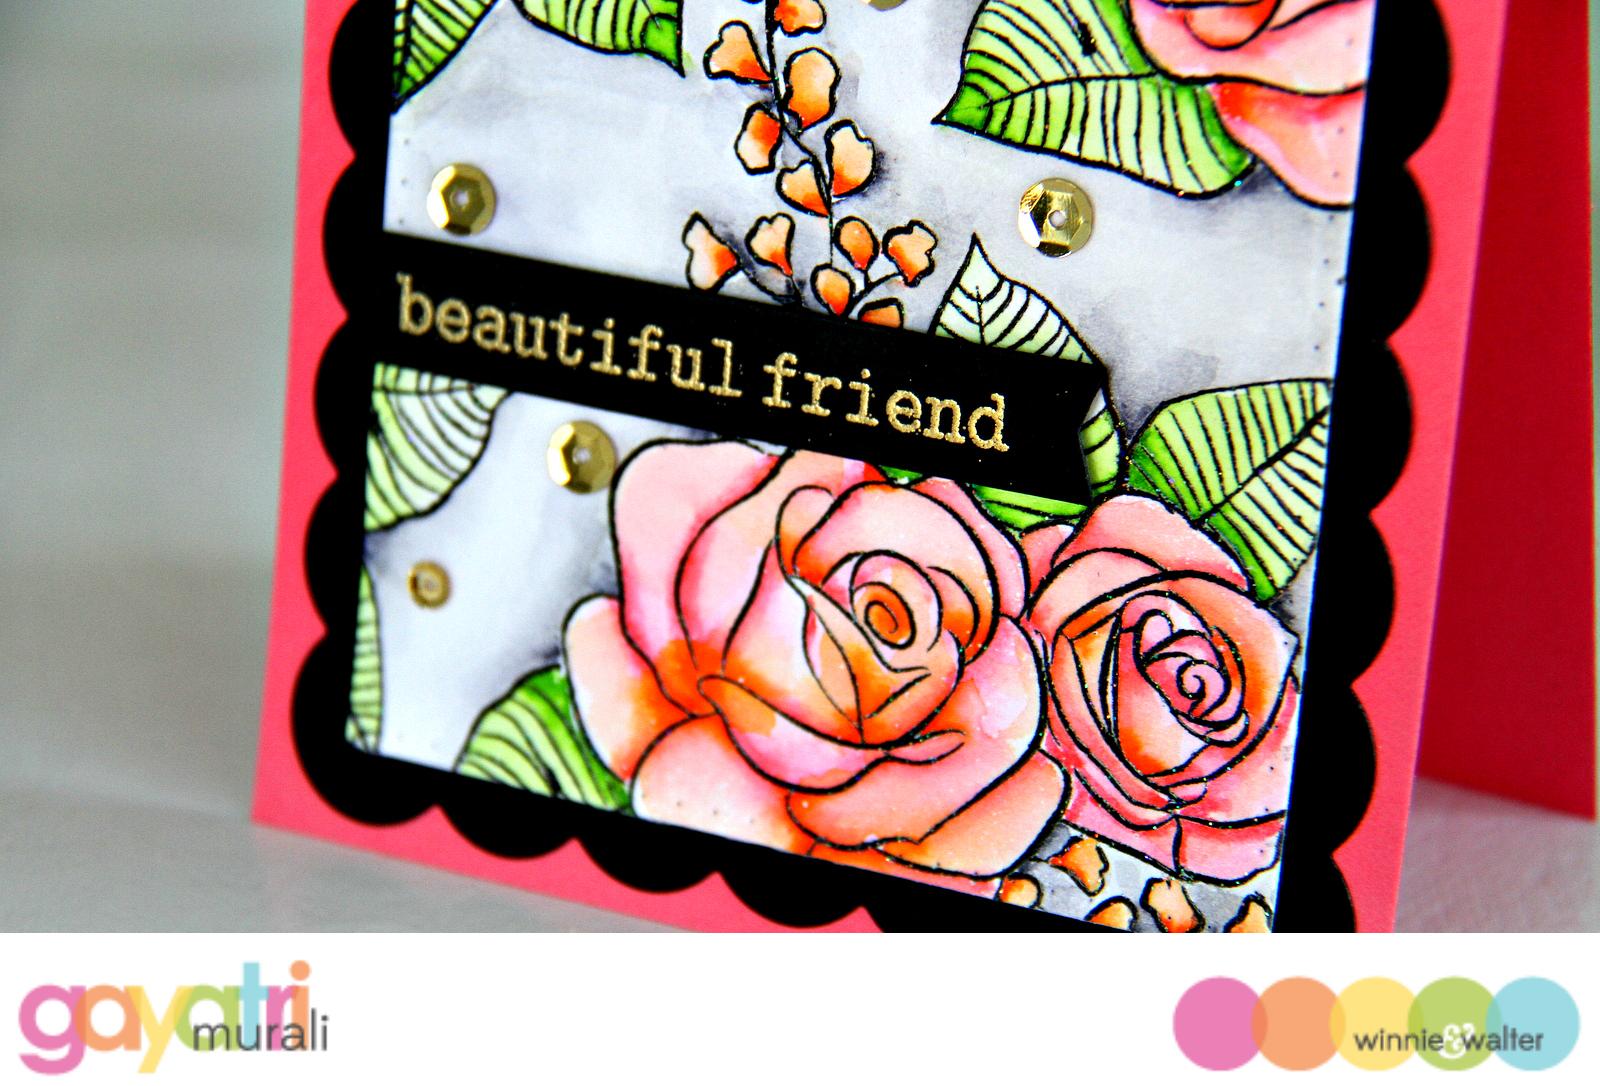 gayatri_Beautiful friend closeup!